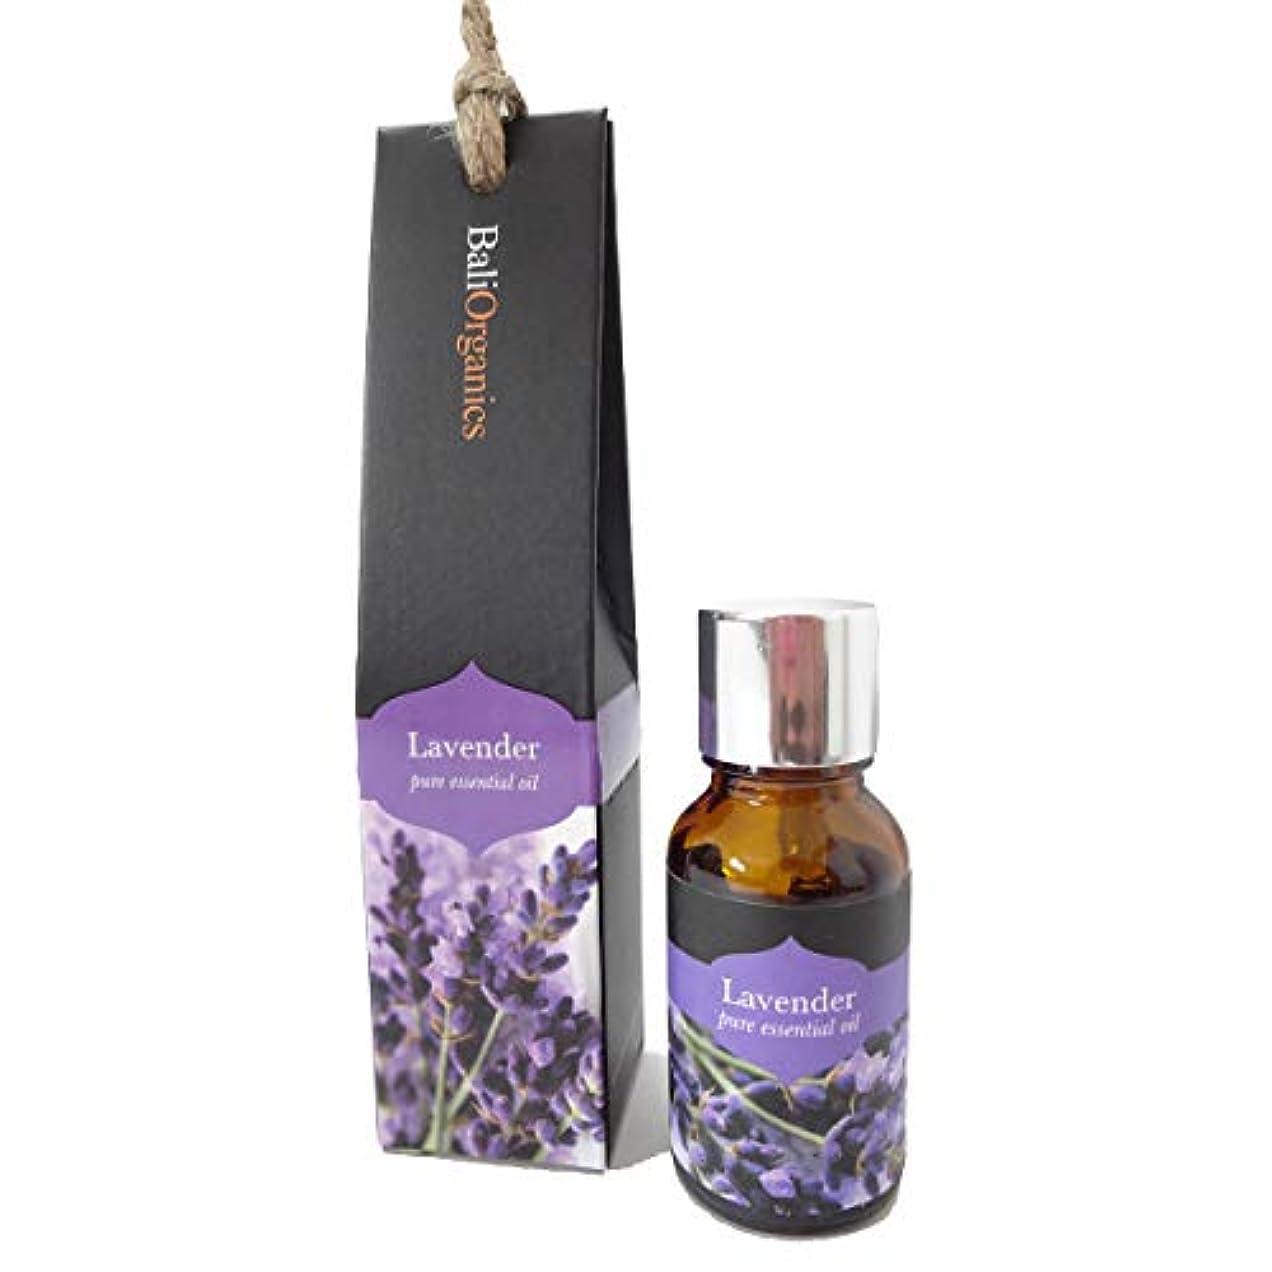 パリティ読書基礎Bali Organics バリオーガニック アロマ エッセンシャルオイル Lavender ラベンダー 15ml